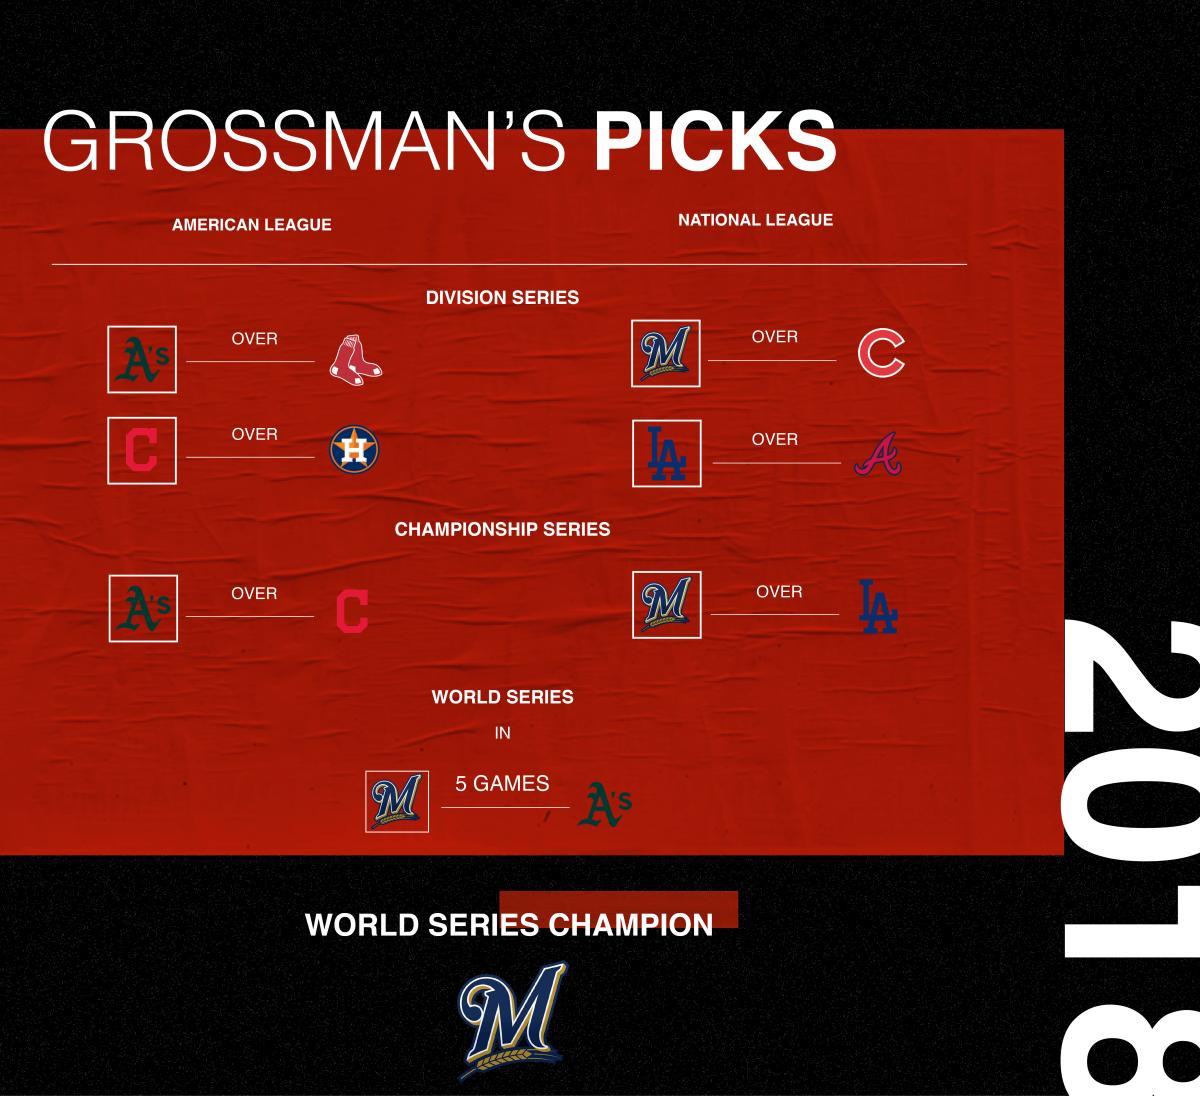 grossman-2018-playoffs.png